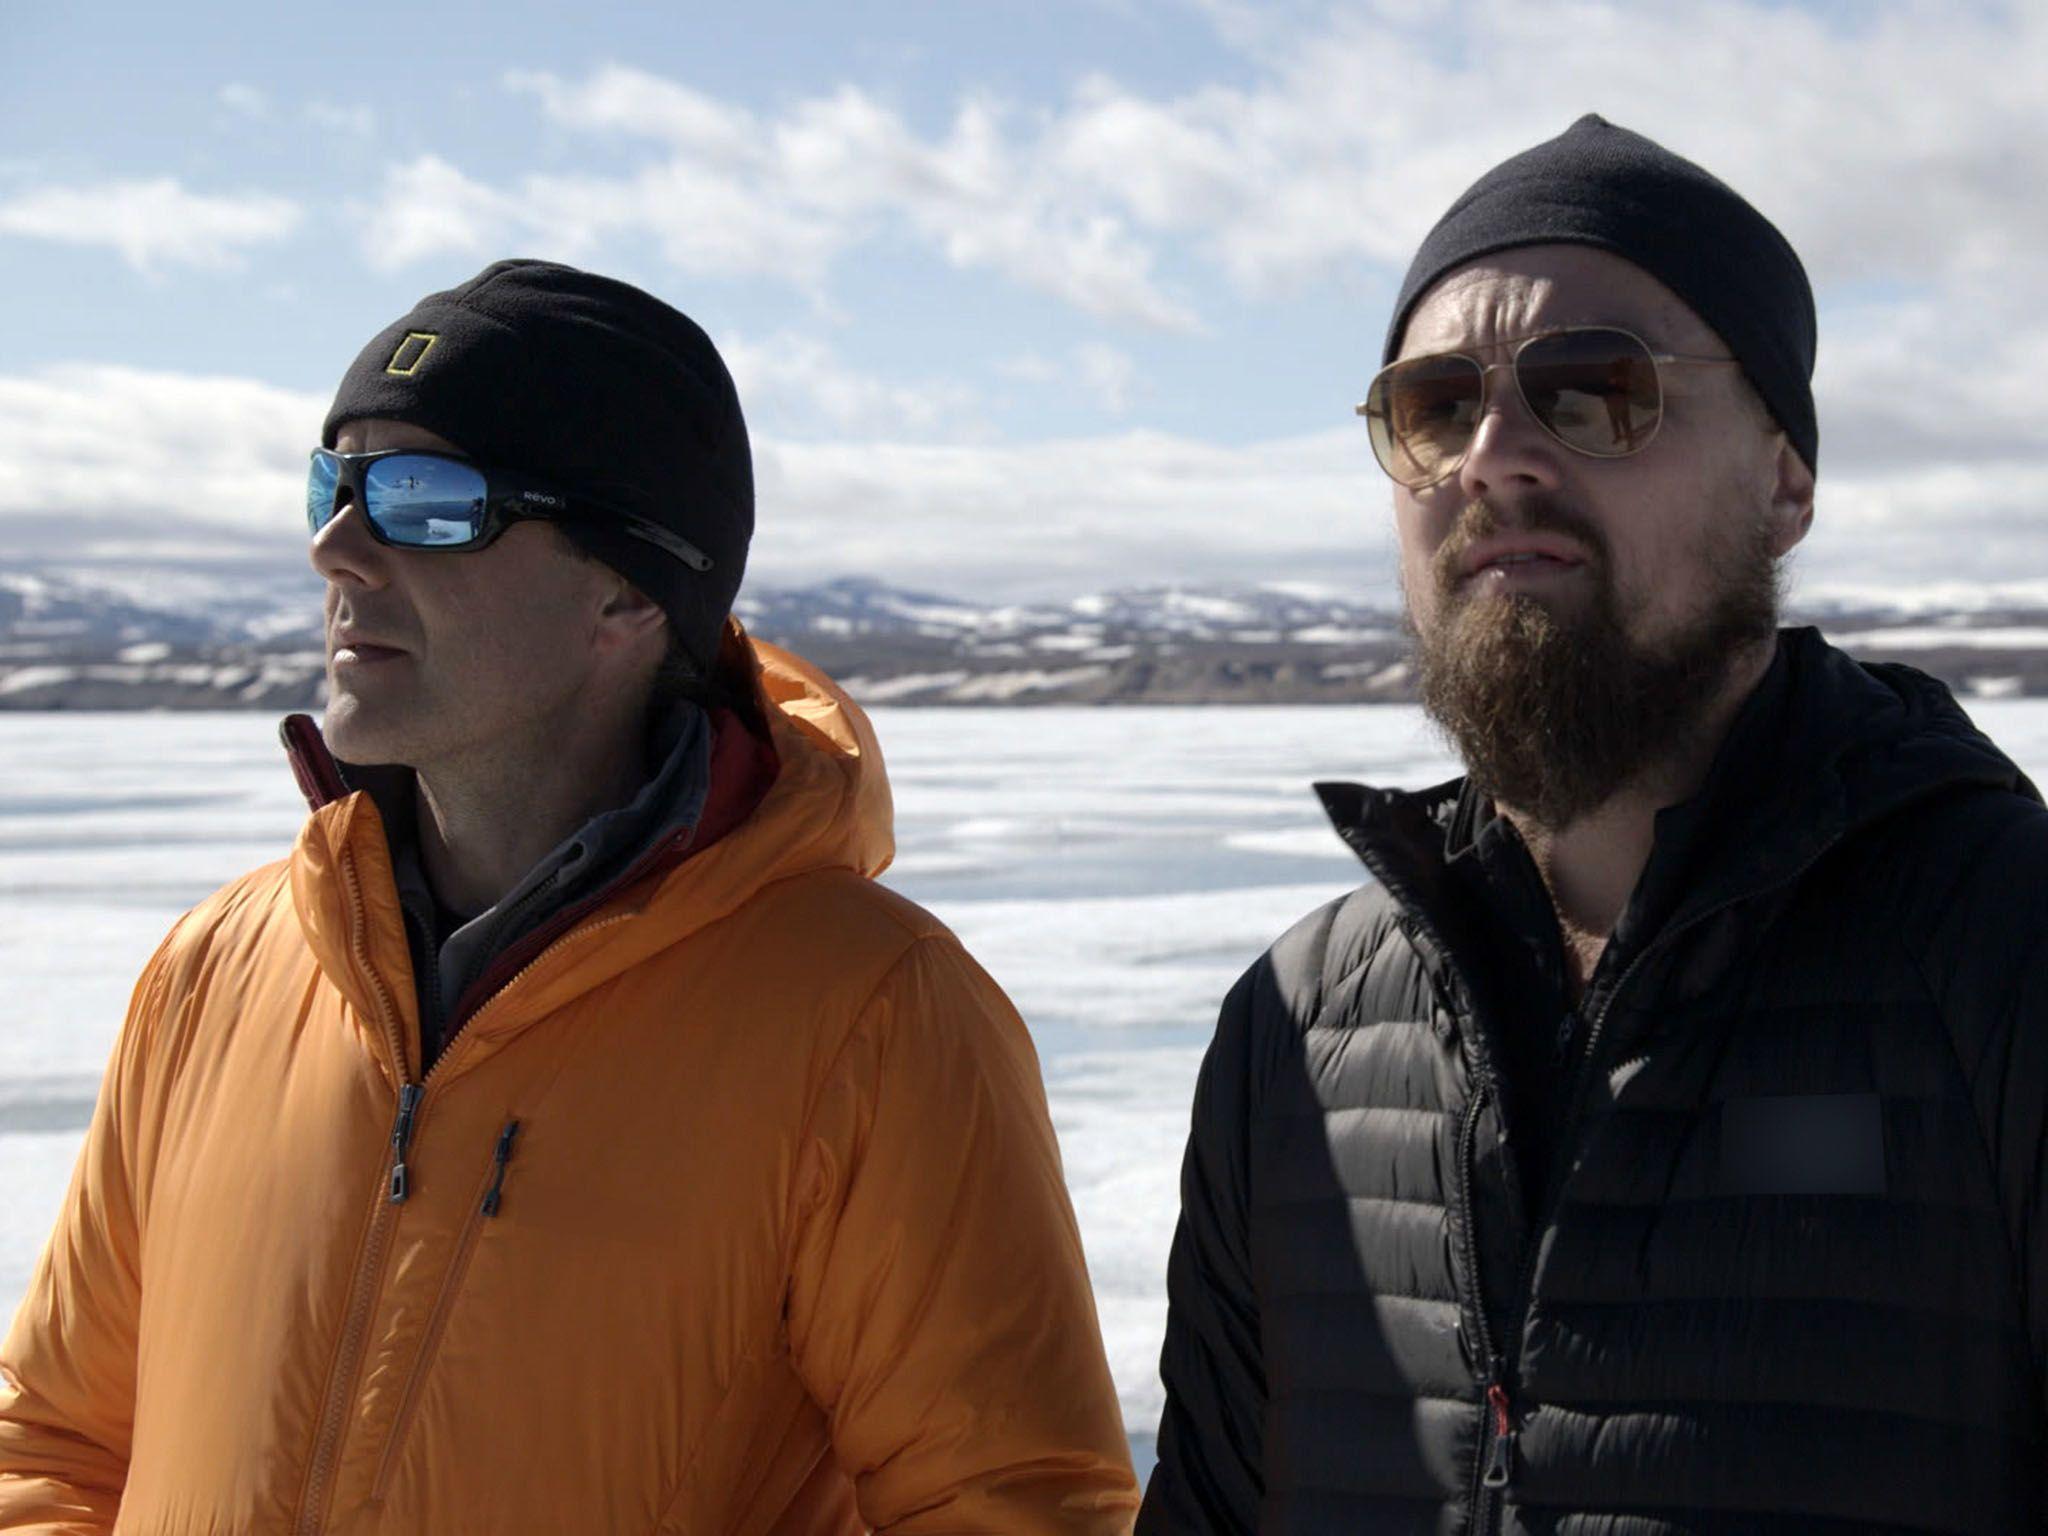 في القطب الشمالي: يجري ليناردو مقابلة مع إينريك سالا... [Photo of the day - أكتوبر 2016]